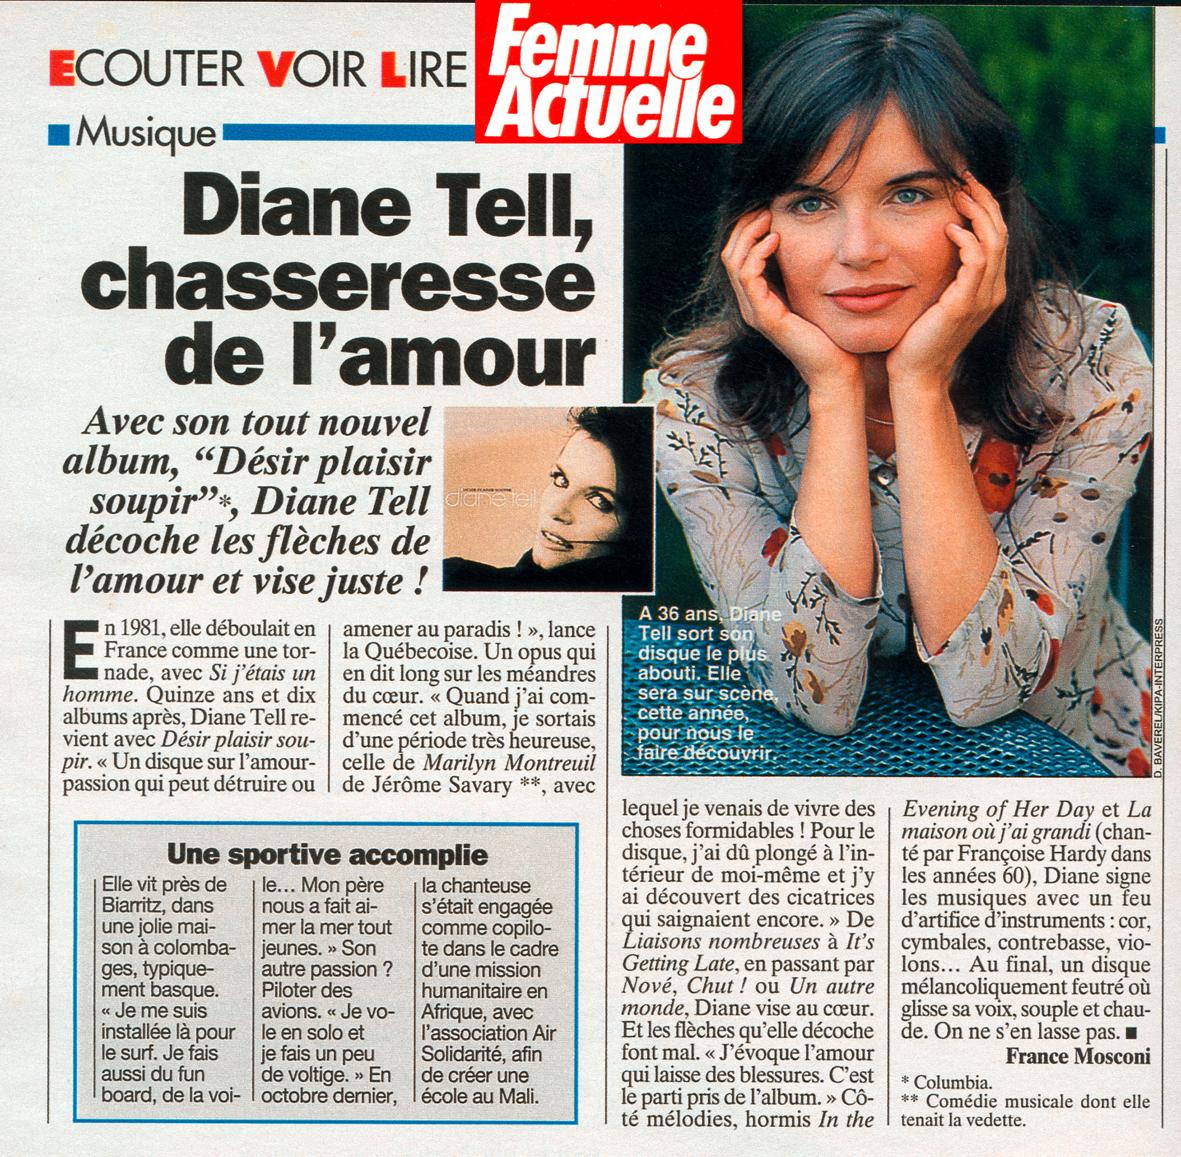 Femme Actuelle – Désir Plaisir Soupir 1996